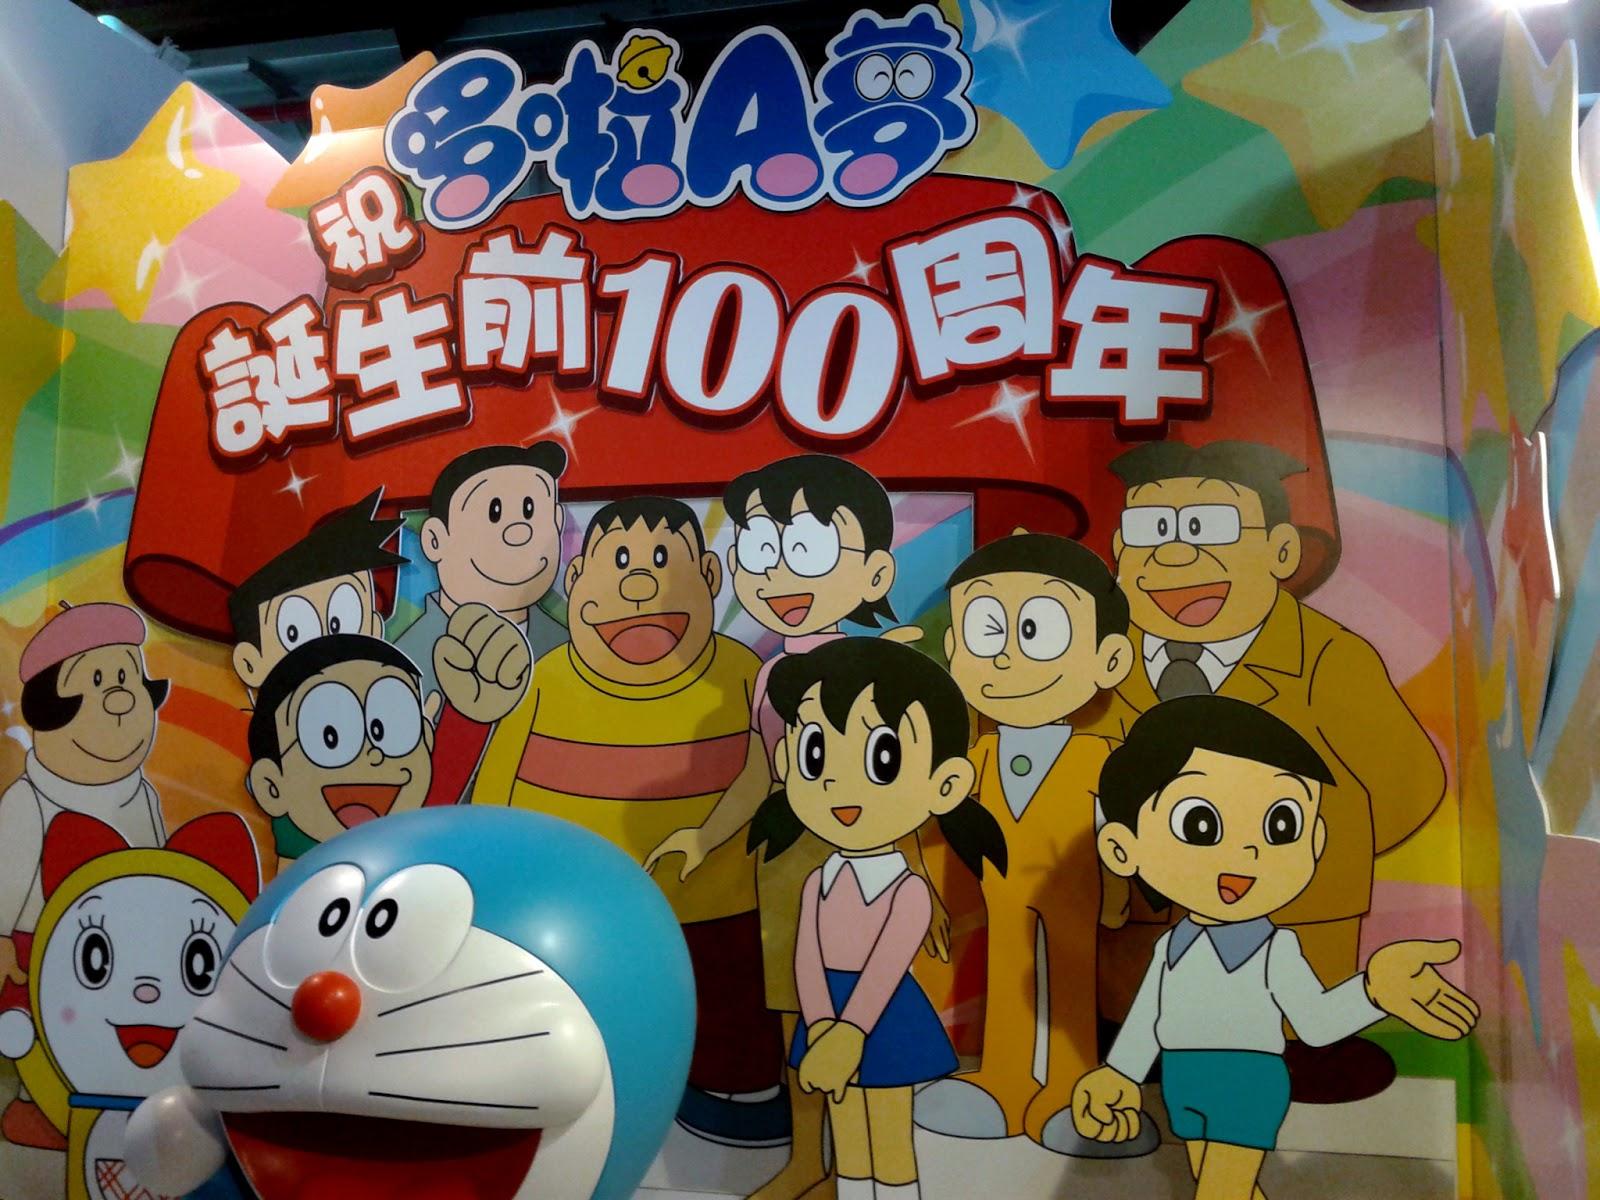 50 Wallpaper Gambar Kartun Doraemon Koleksi Gambar - Doraemon - HD Wallpaper